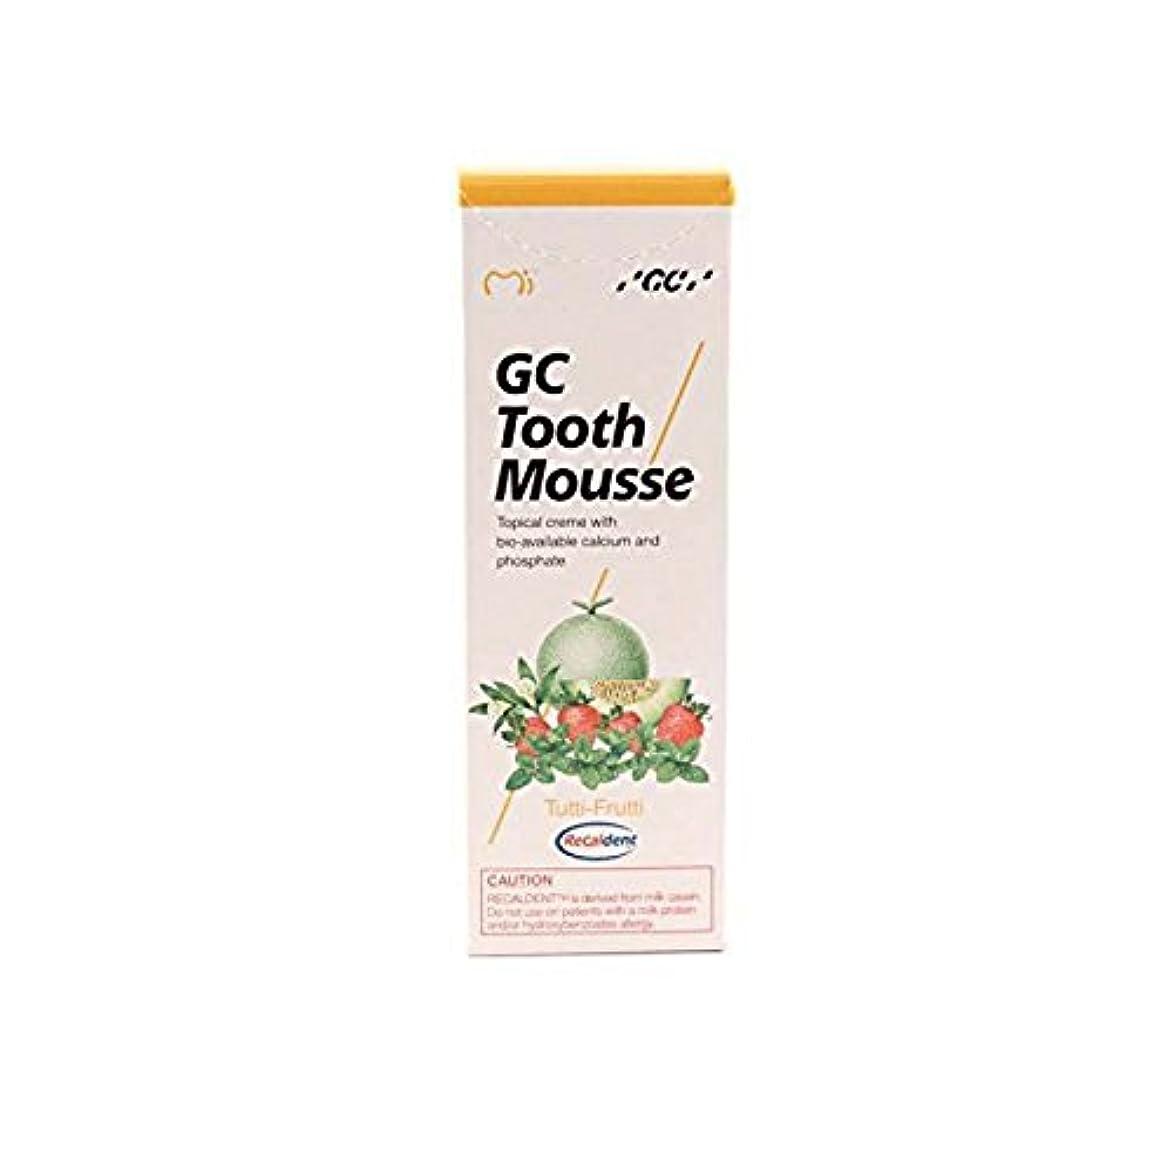 起きるこんにちはパーセントGc の歯のムース練り歯磨き粉の盛り合わせの味40g (タフティフルーティー (Tutty Frutty))